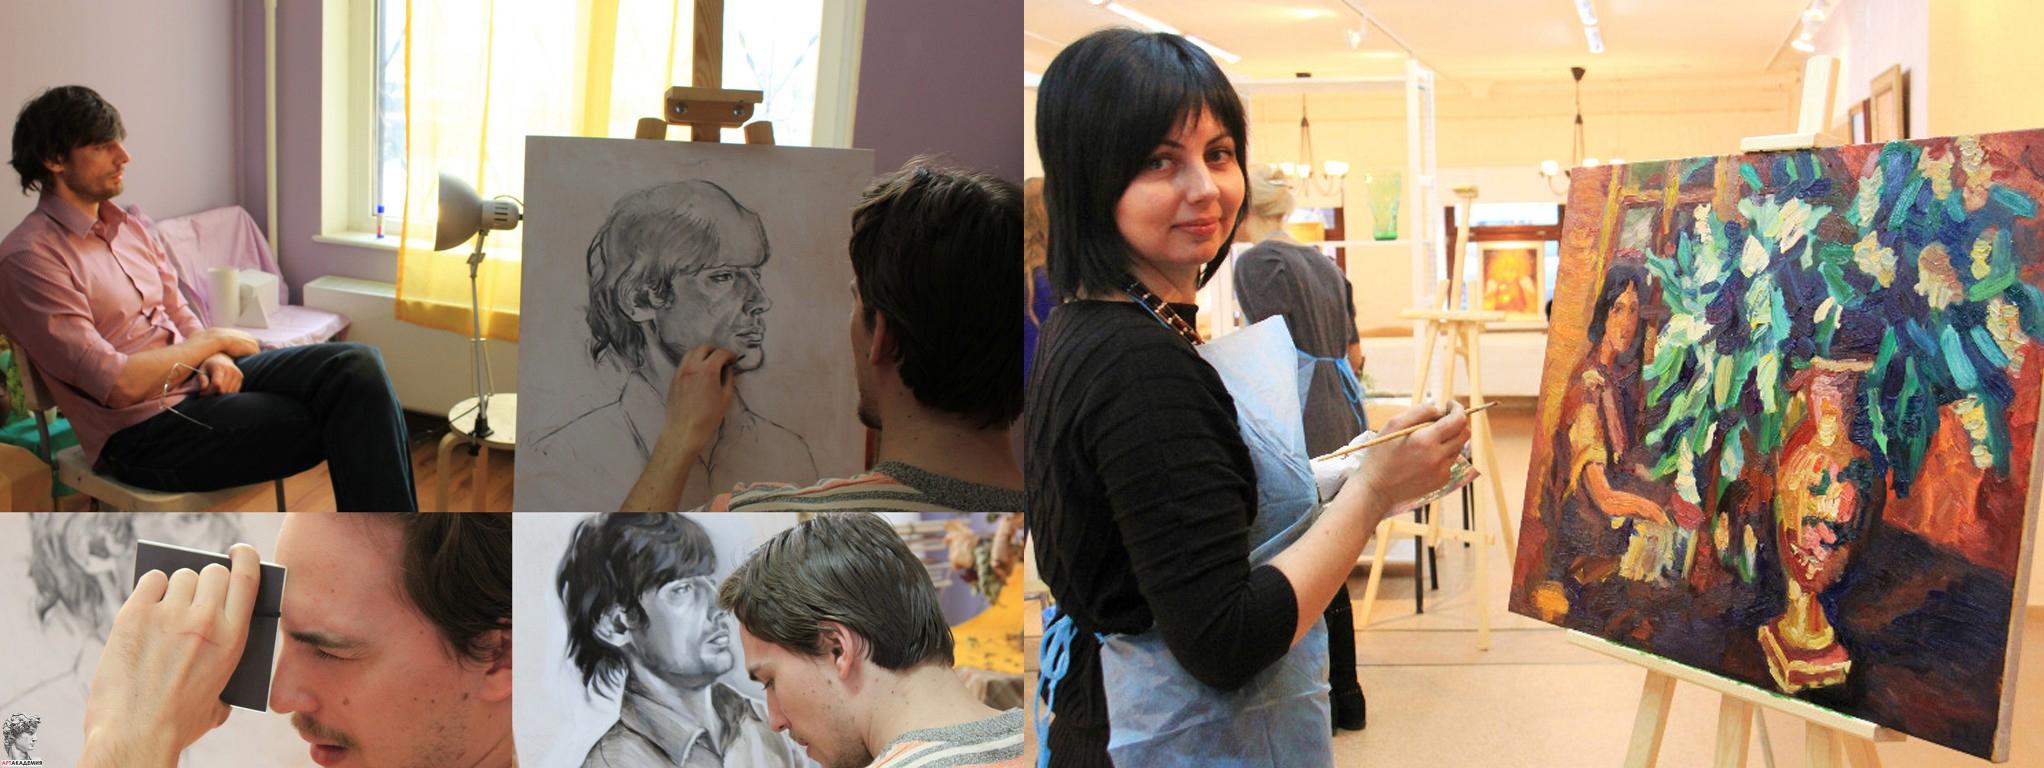 Романы курсы рисования карандашом для начинающих взрослых в москве медленный поезд проходит